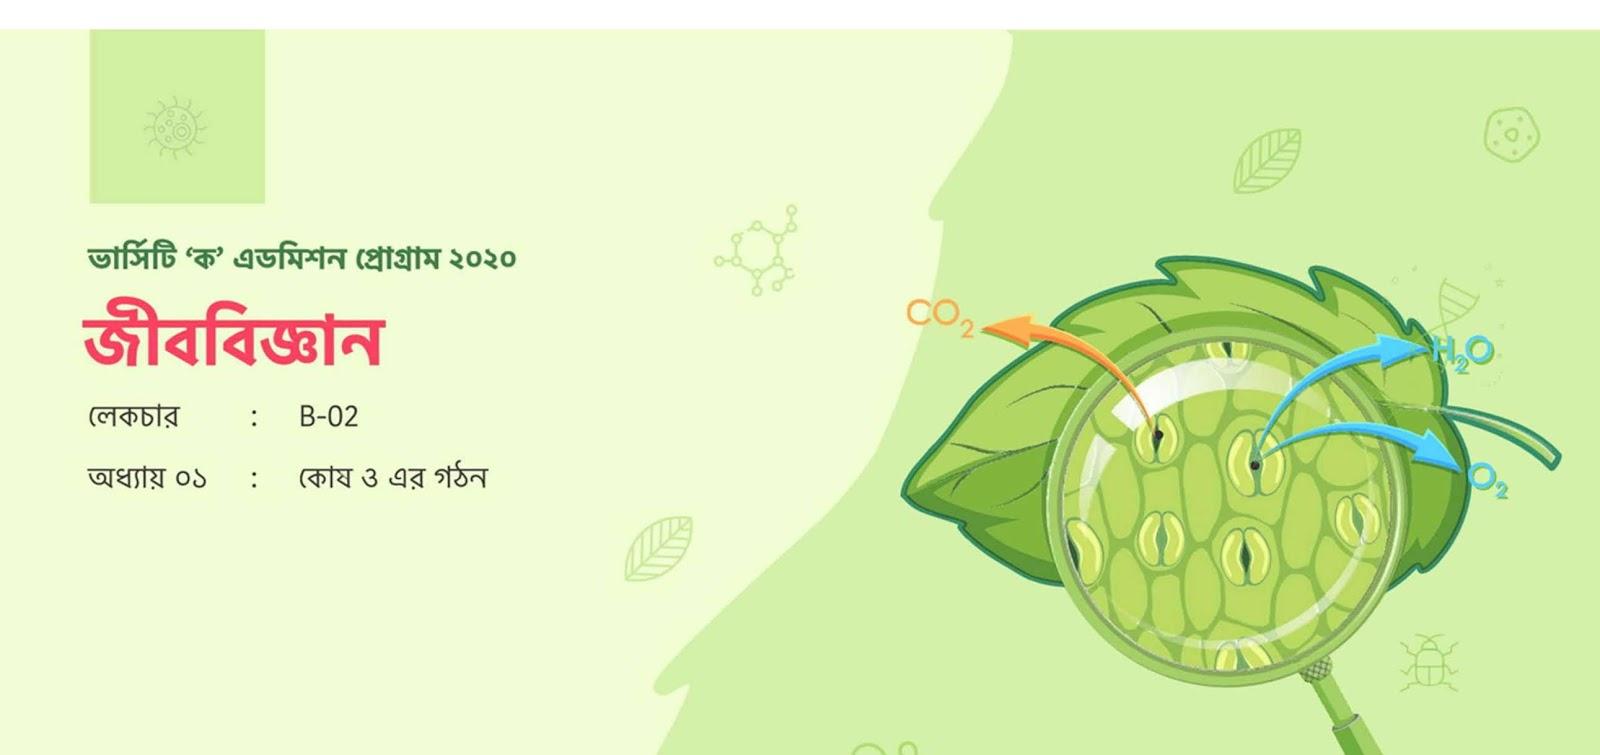 উদ্ভাস ক্লাসের নোট-এইচএসসি জীববিজ্ঞান অধ্যায় - ০১ কোষ ও এর গঠন (১ম পত্র)-(ক্রোমোসোম পর্যন্ত) |Pdf ফাইল